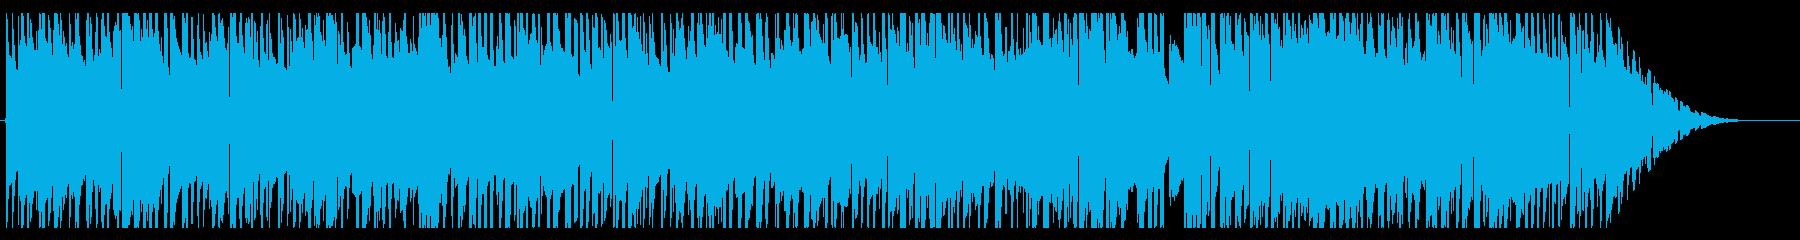 可愛いJazzyチェレスタ/スイーツ紹介の再生済みの波形